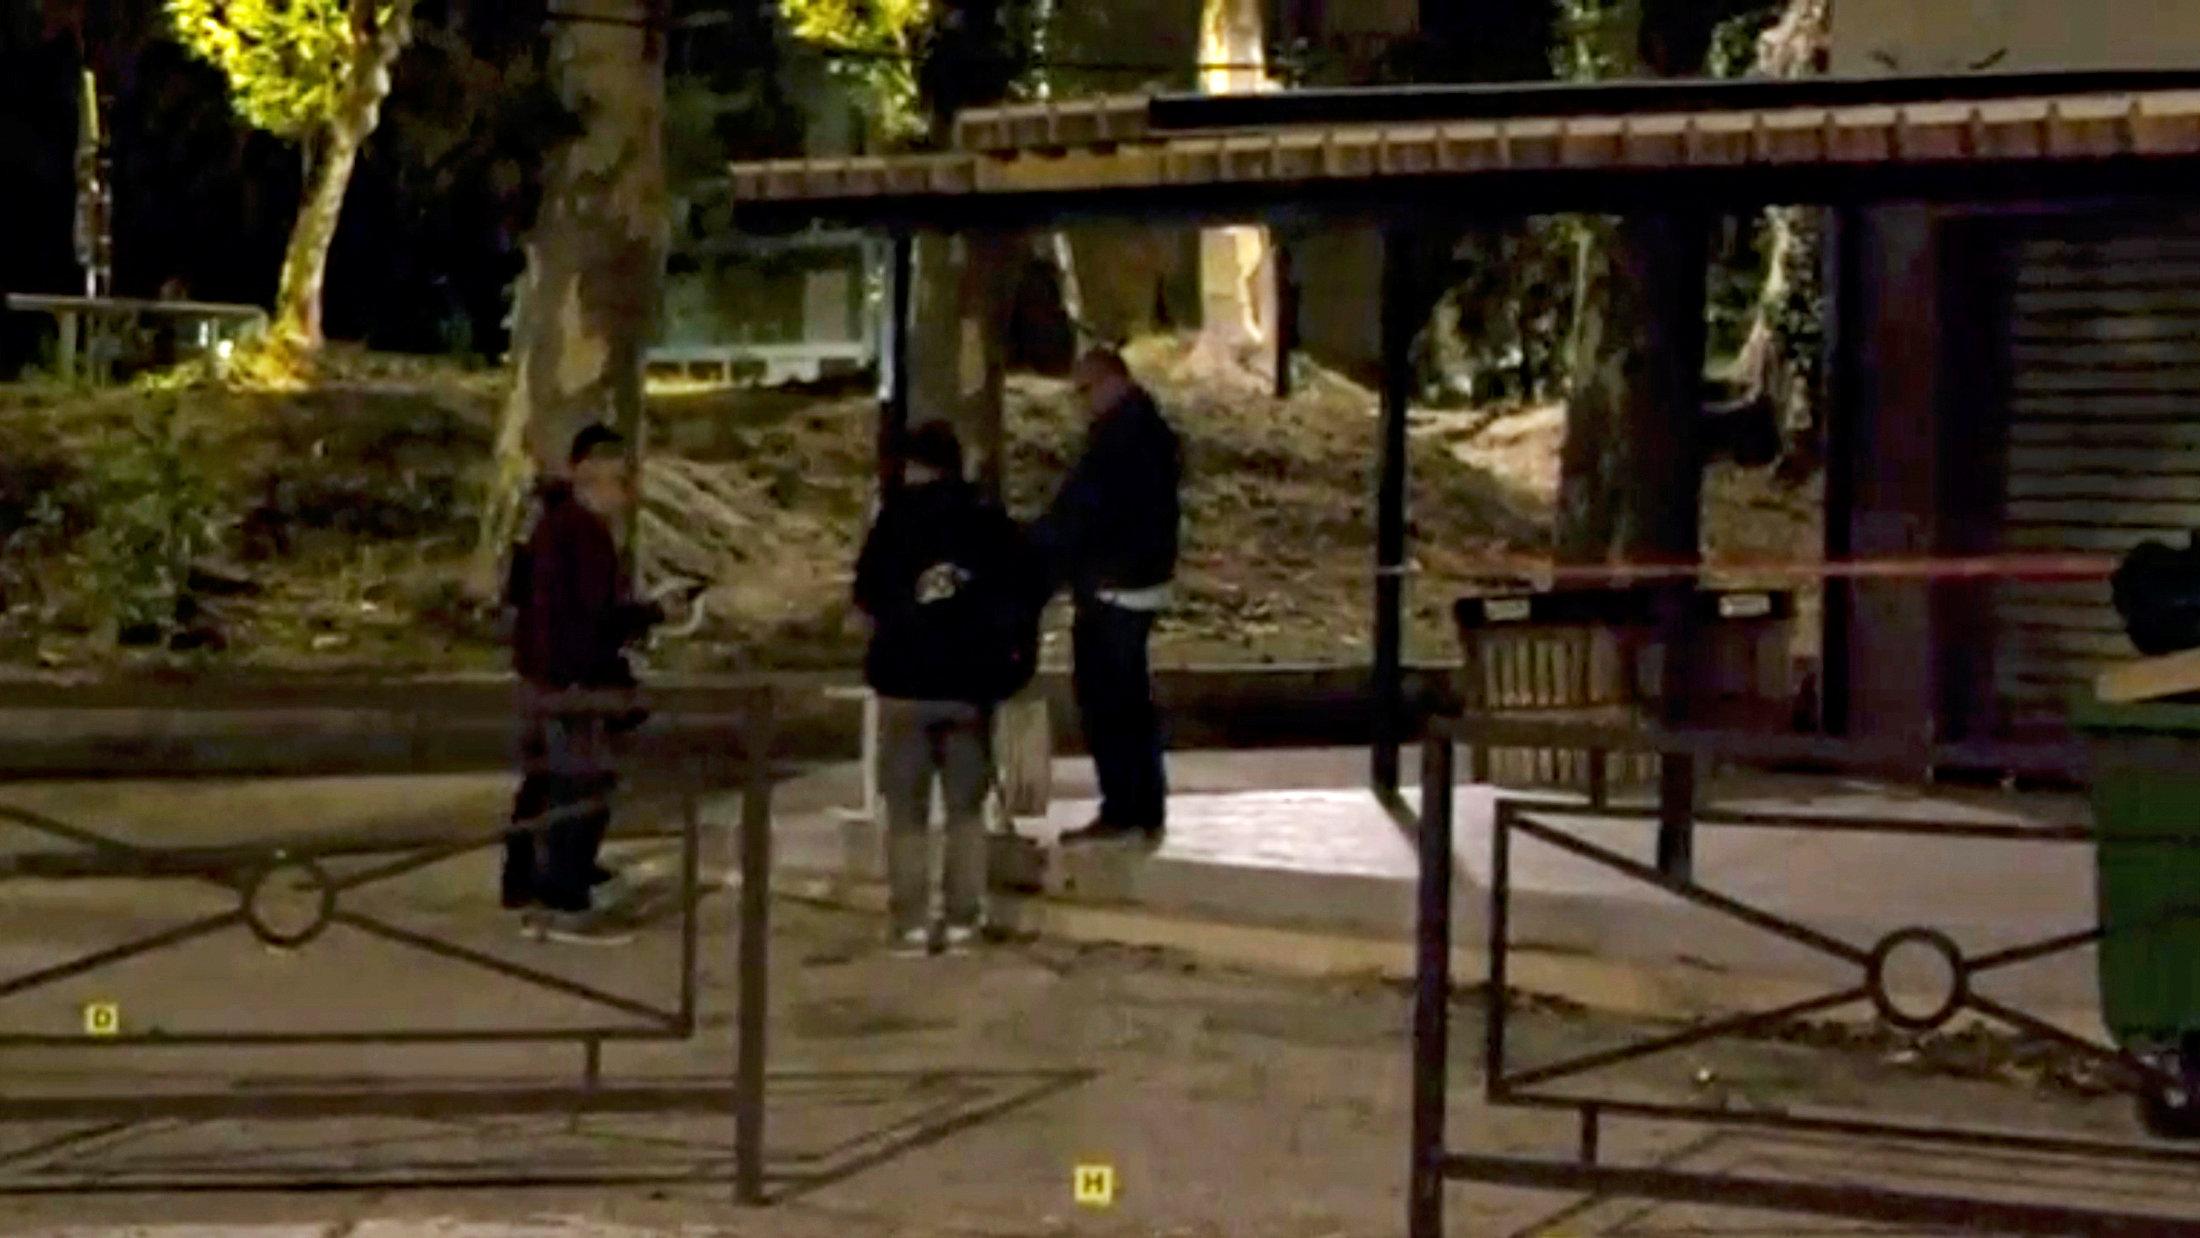 إطلاق نار أمام مسجد في فرنسا